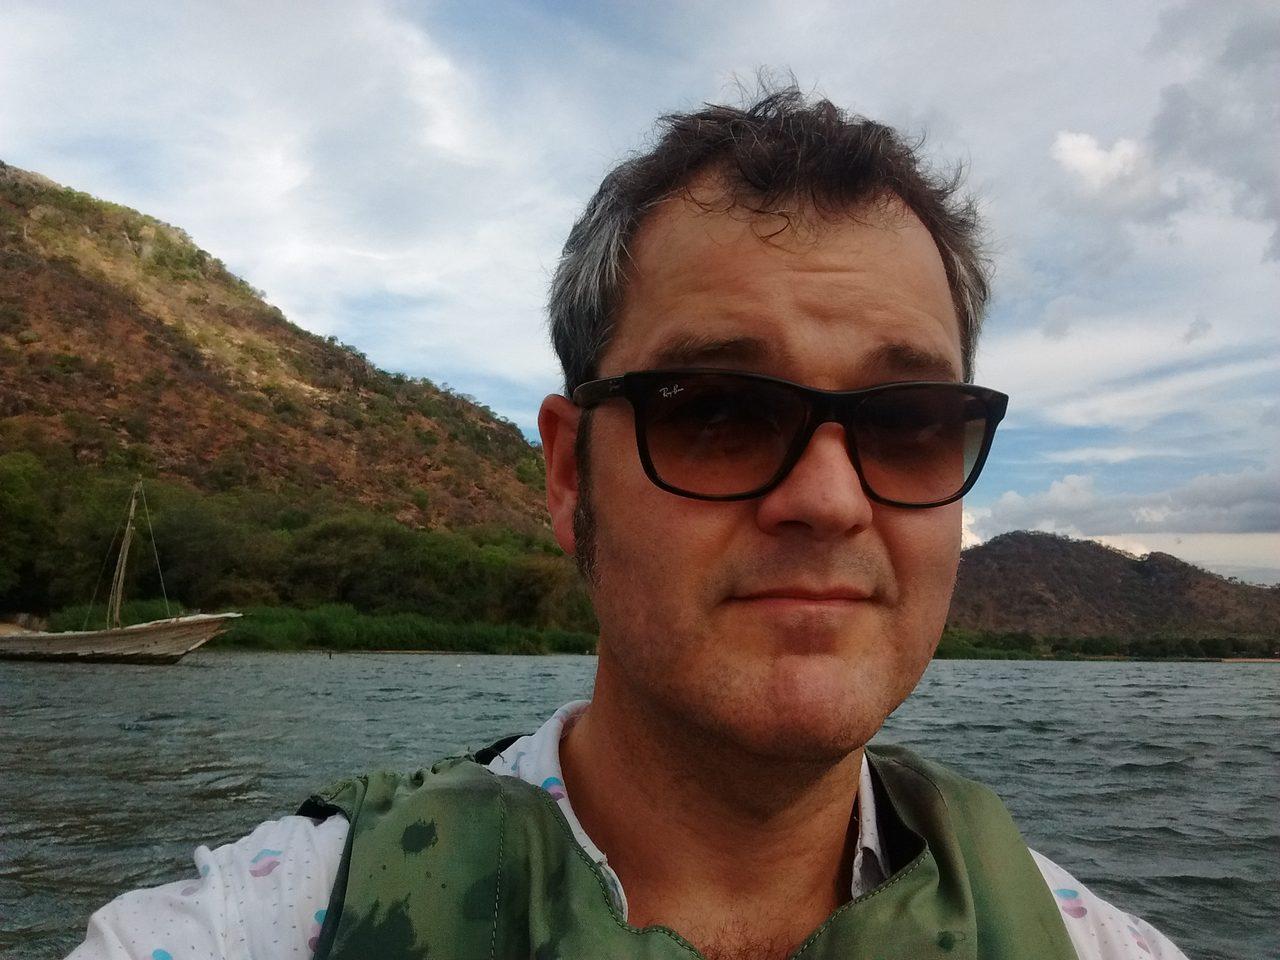 Karl kayaking on Lake Malaw